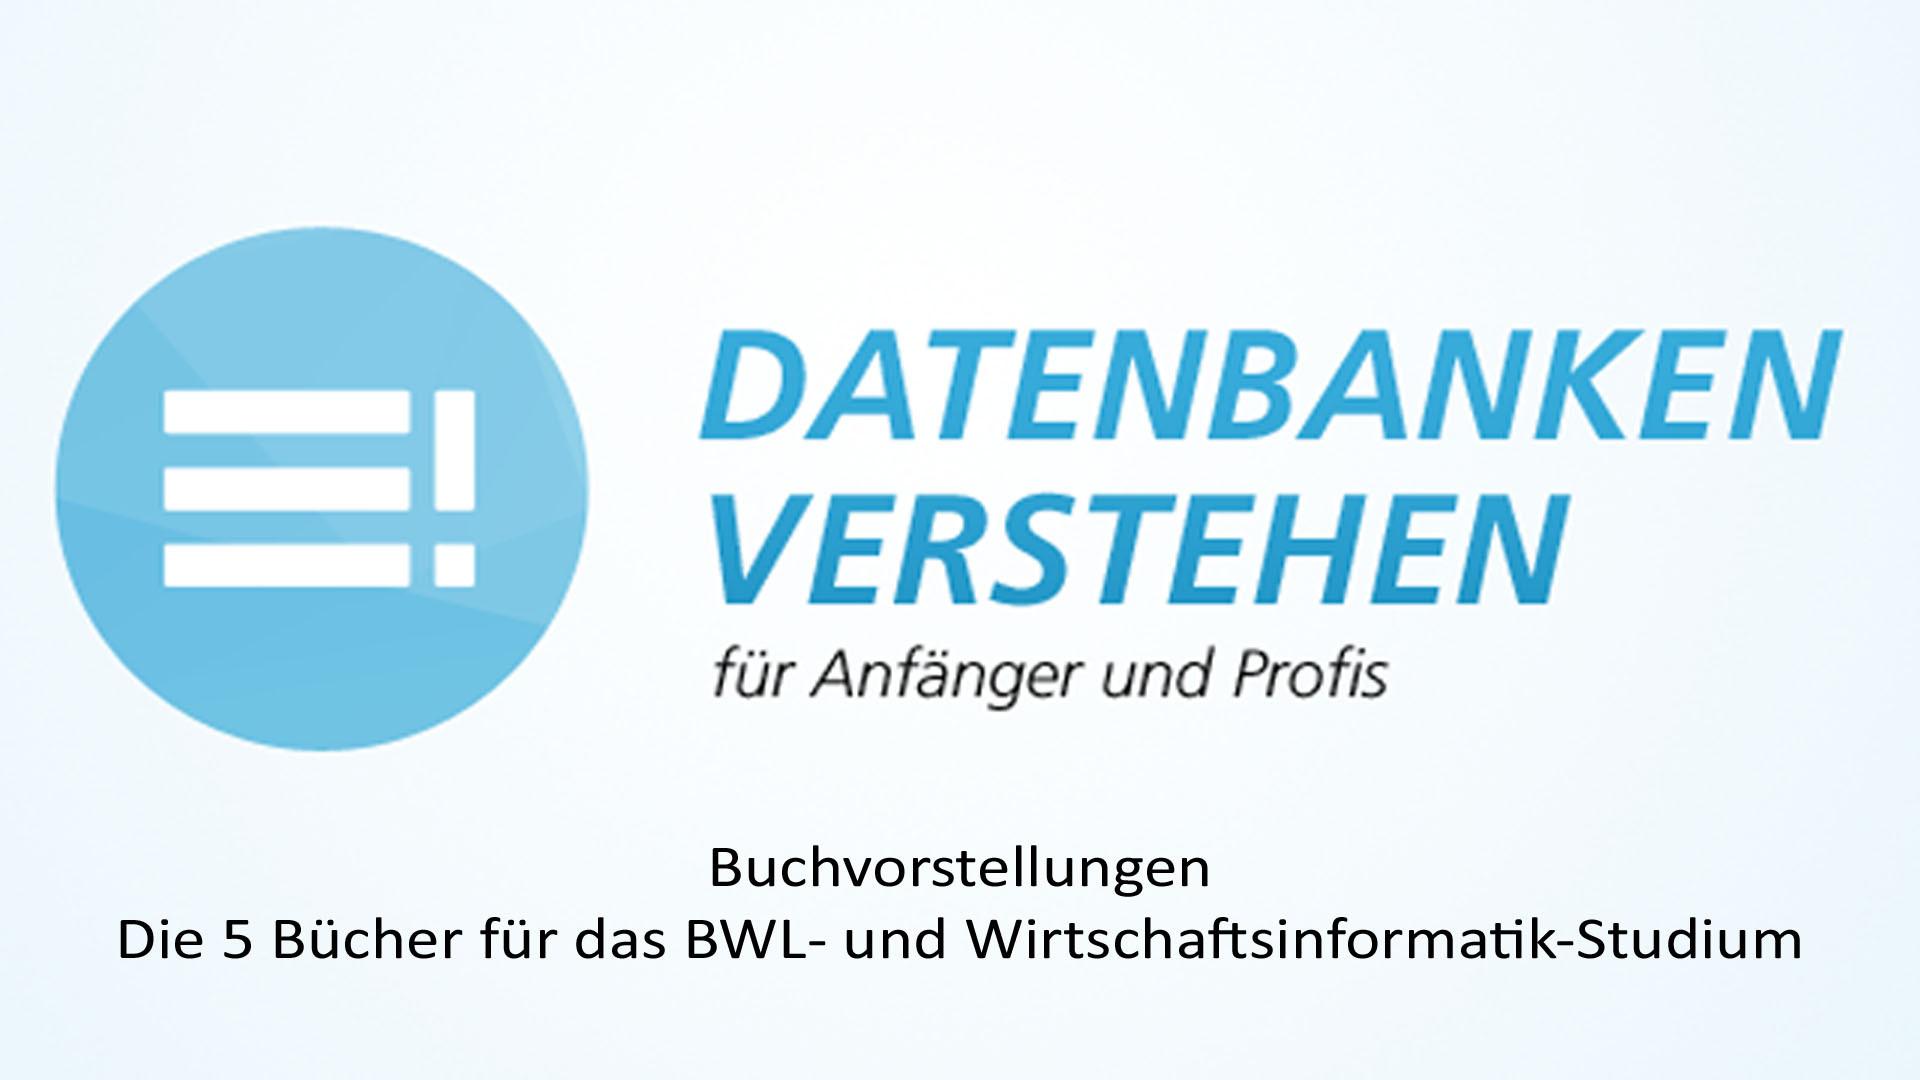 Die 5 Bücher für BWL & Wirtschaftsinformatik zum Semesterbeginn! | Datenbank Blog